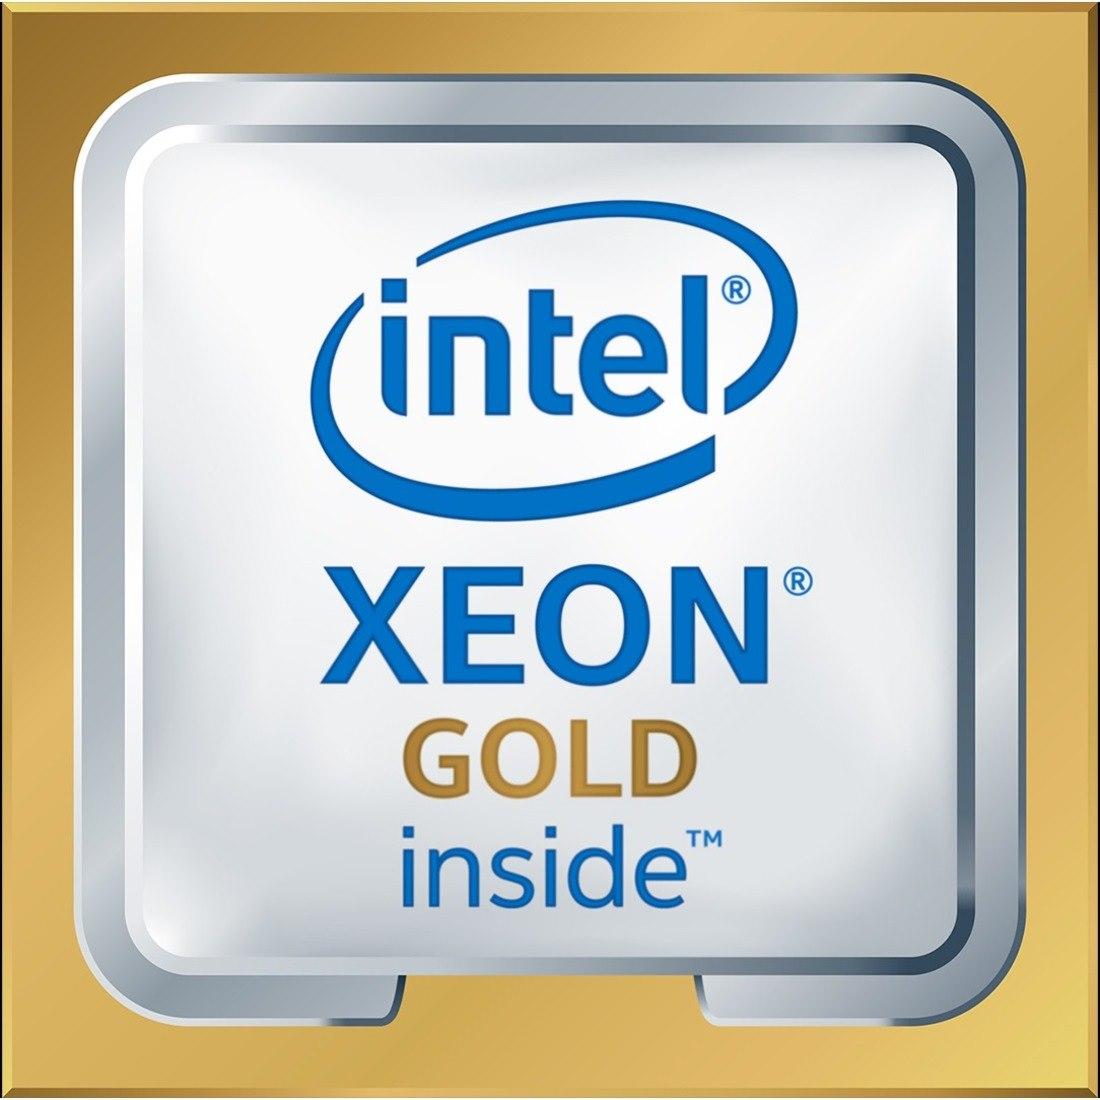 Lenovo Intel Xeon 5115 Deca-core (10 Core) 2.40 GHz Processor Upgrade